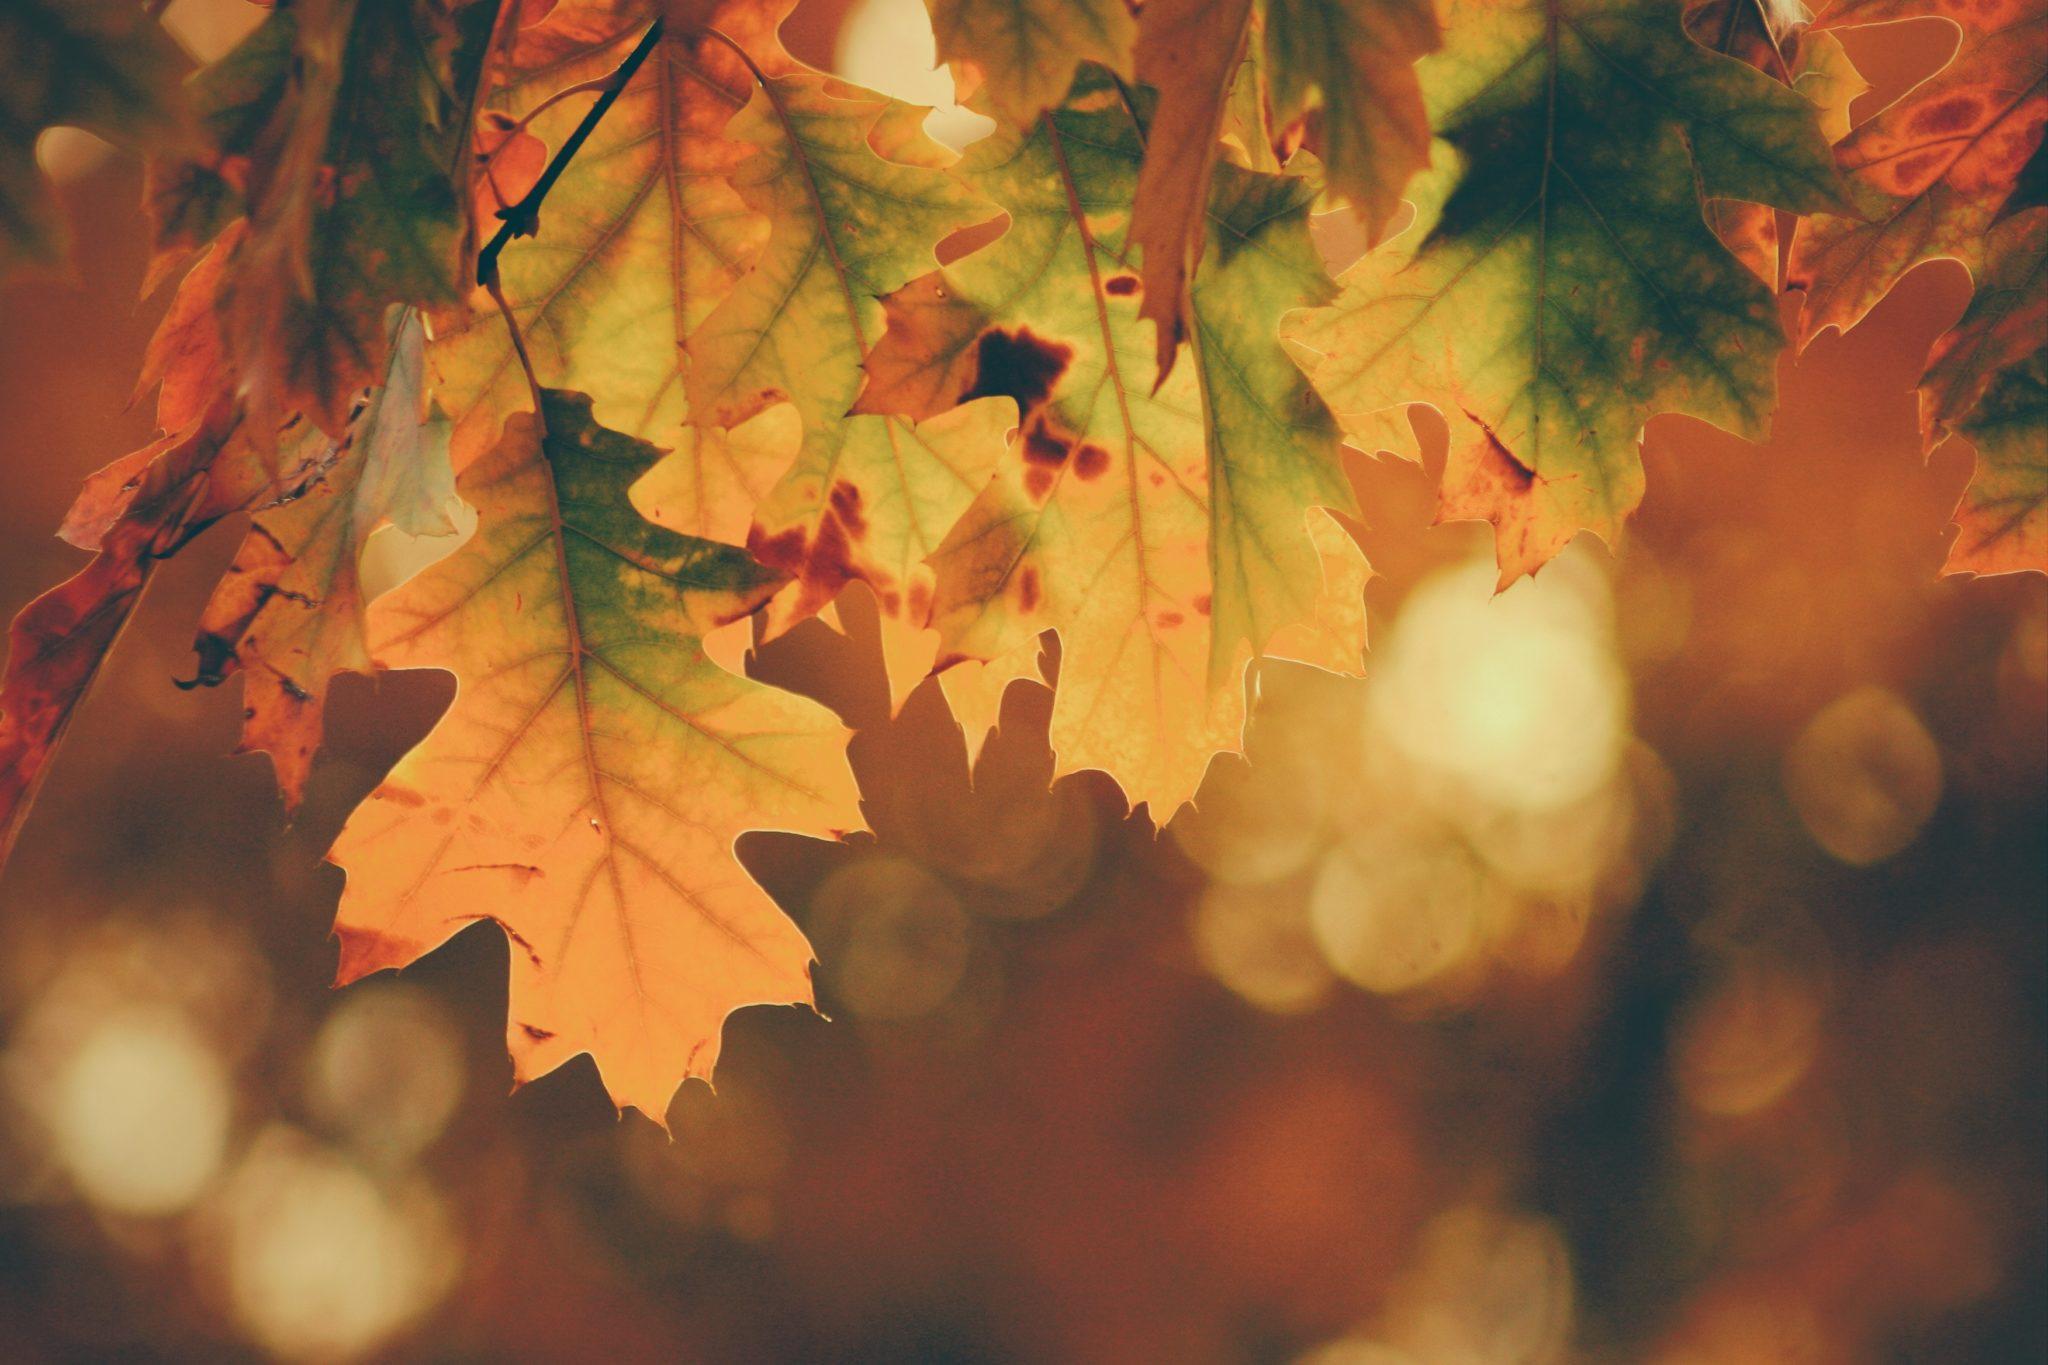 Höstens ankomst med friska tag